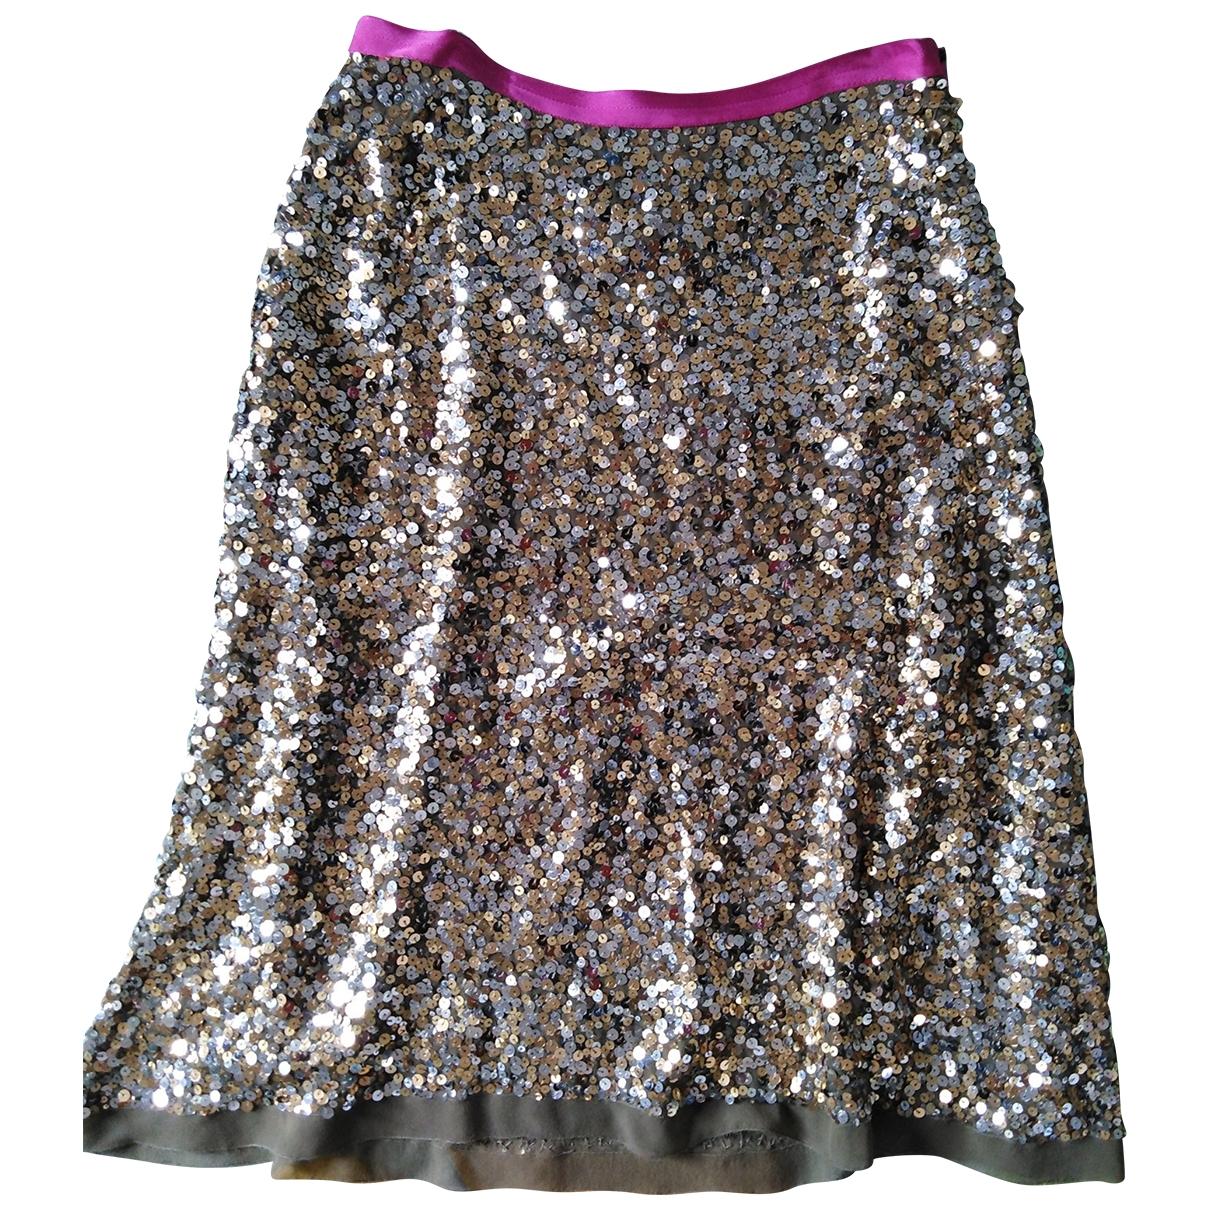 La Perla \N Beige Glitter skirt for Women 42 IT